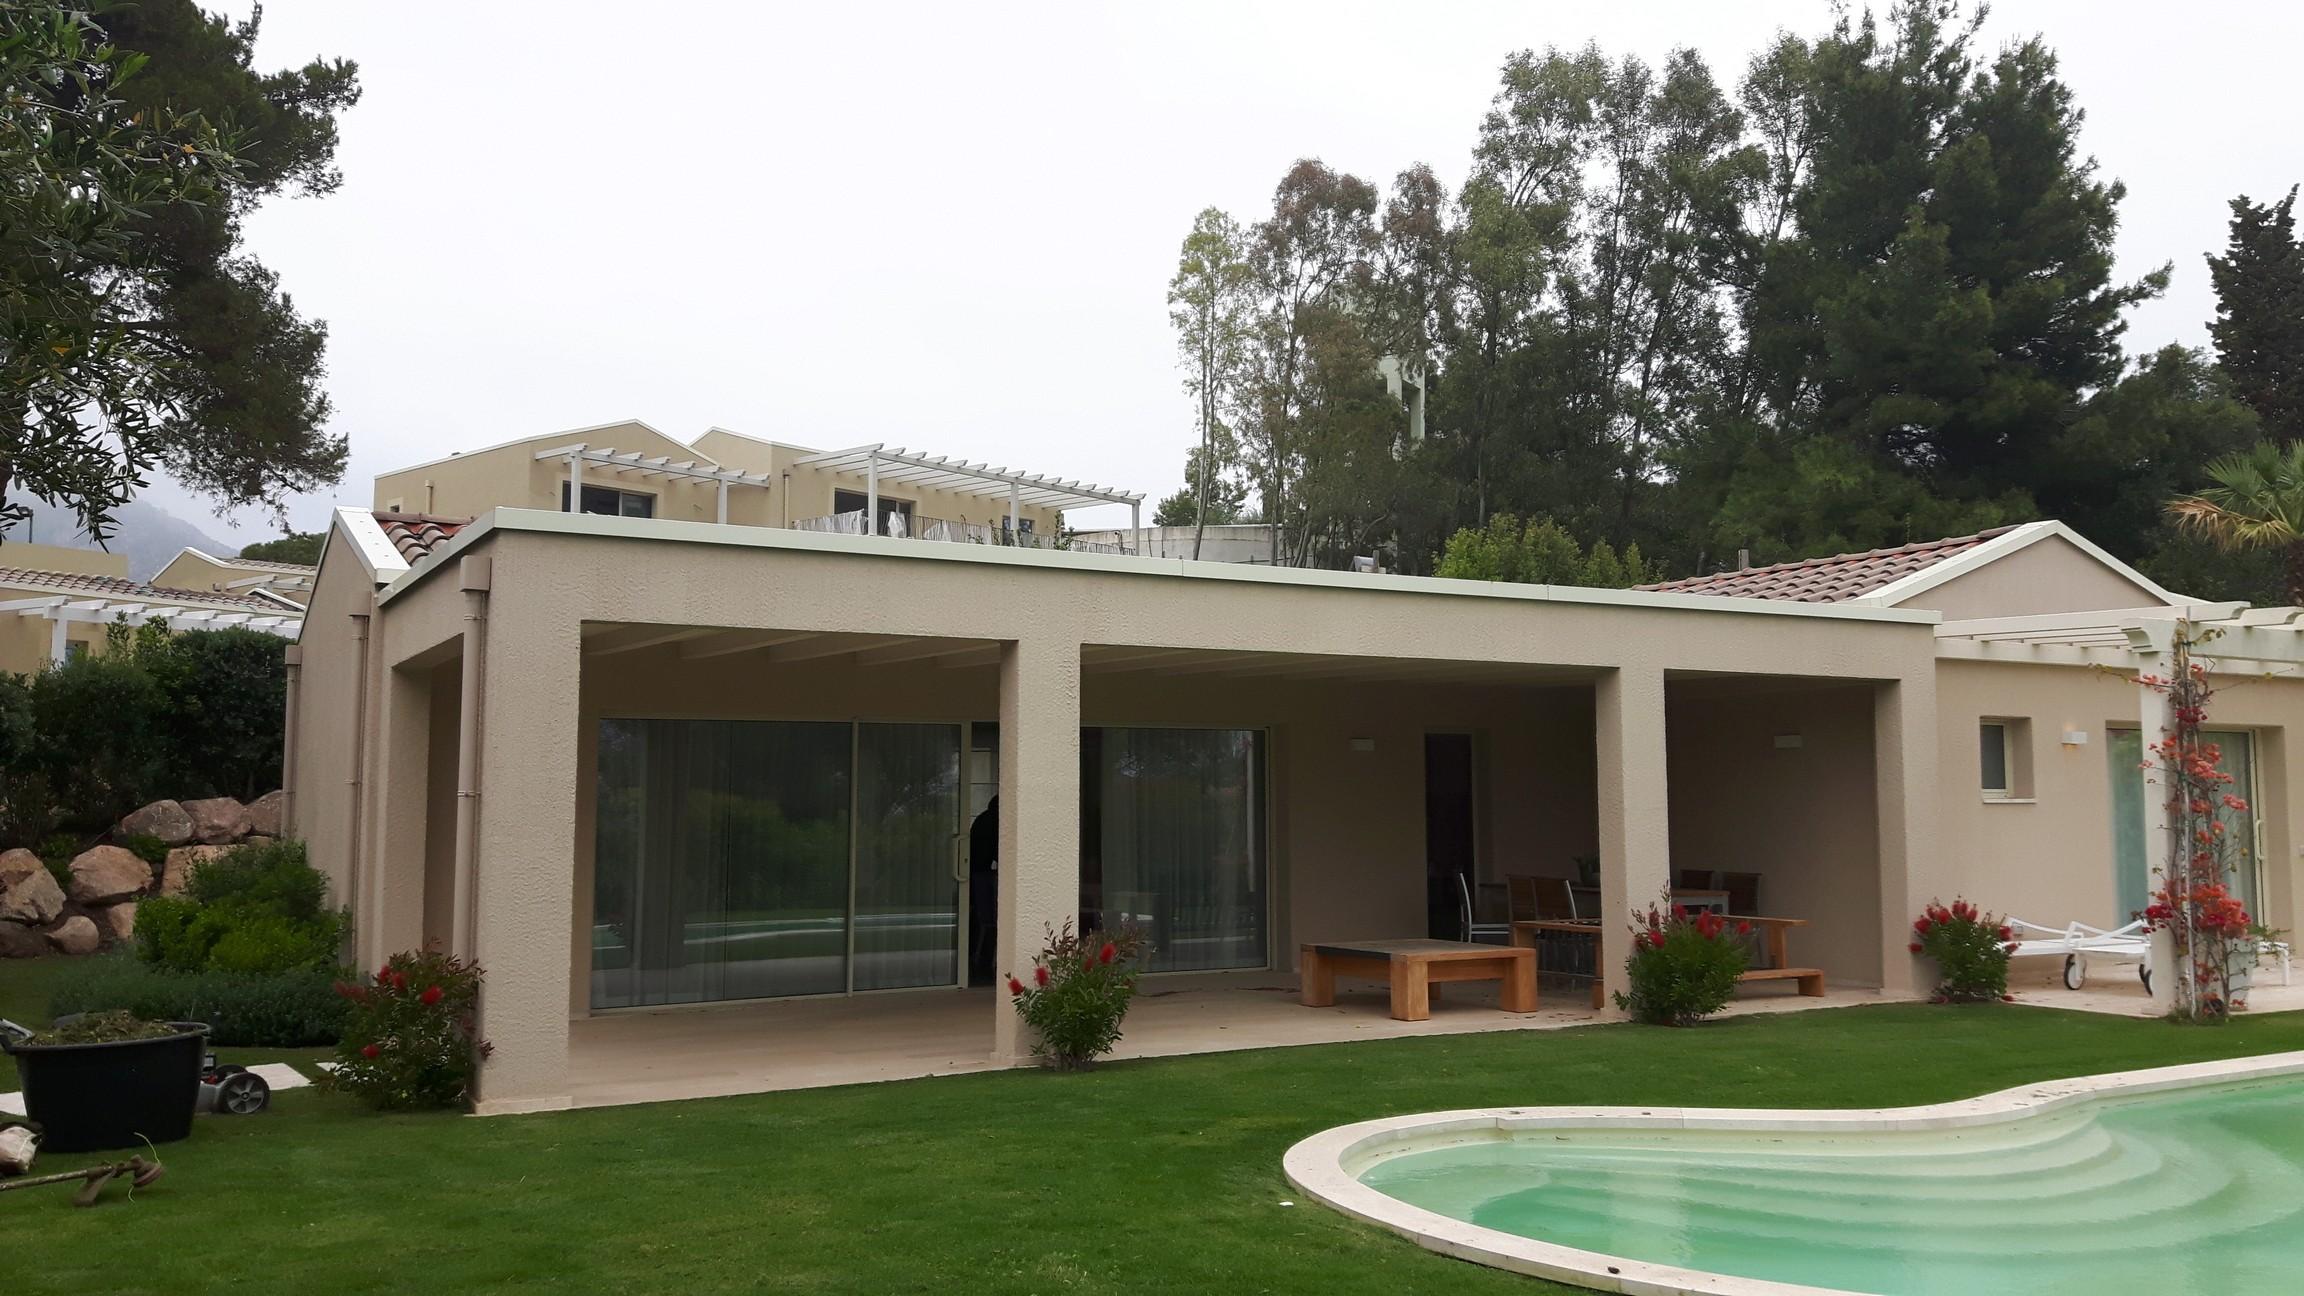 Villa Con strutture in legno